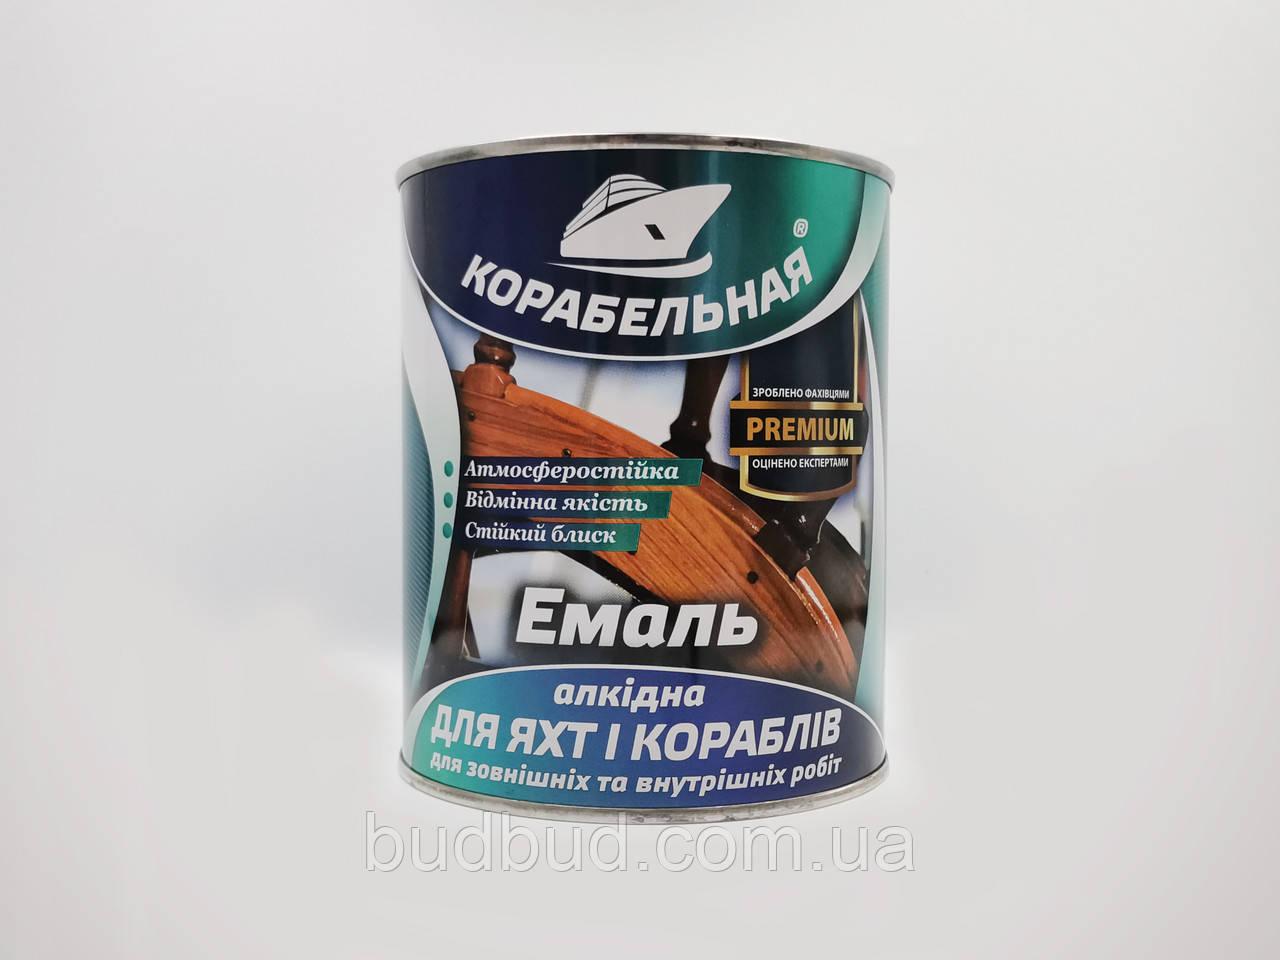 Эмаль алкидная коричневая Polycolor (Поликолор) Корабельная 0.9 кг